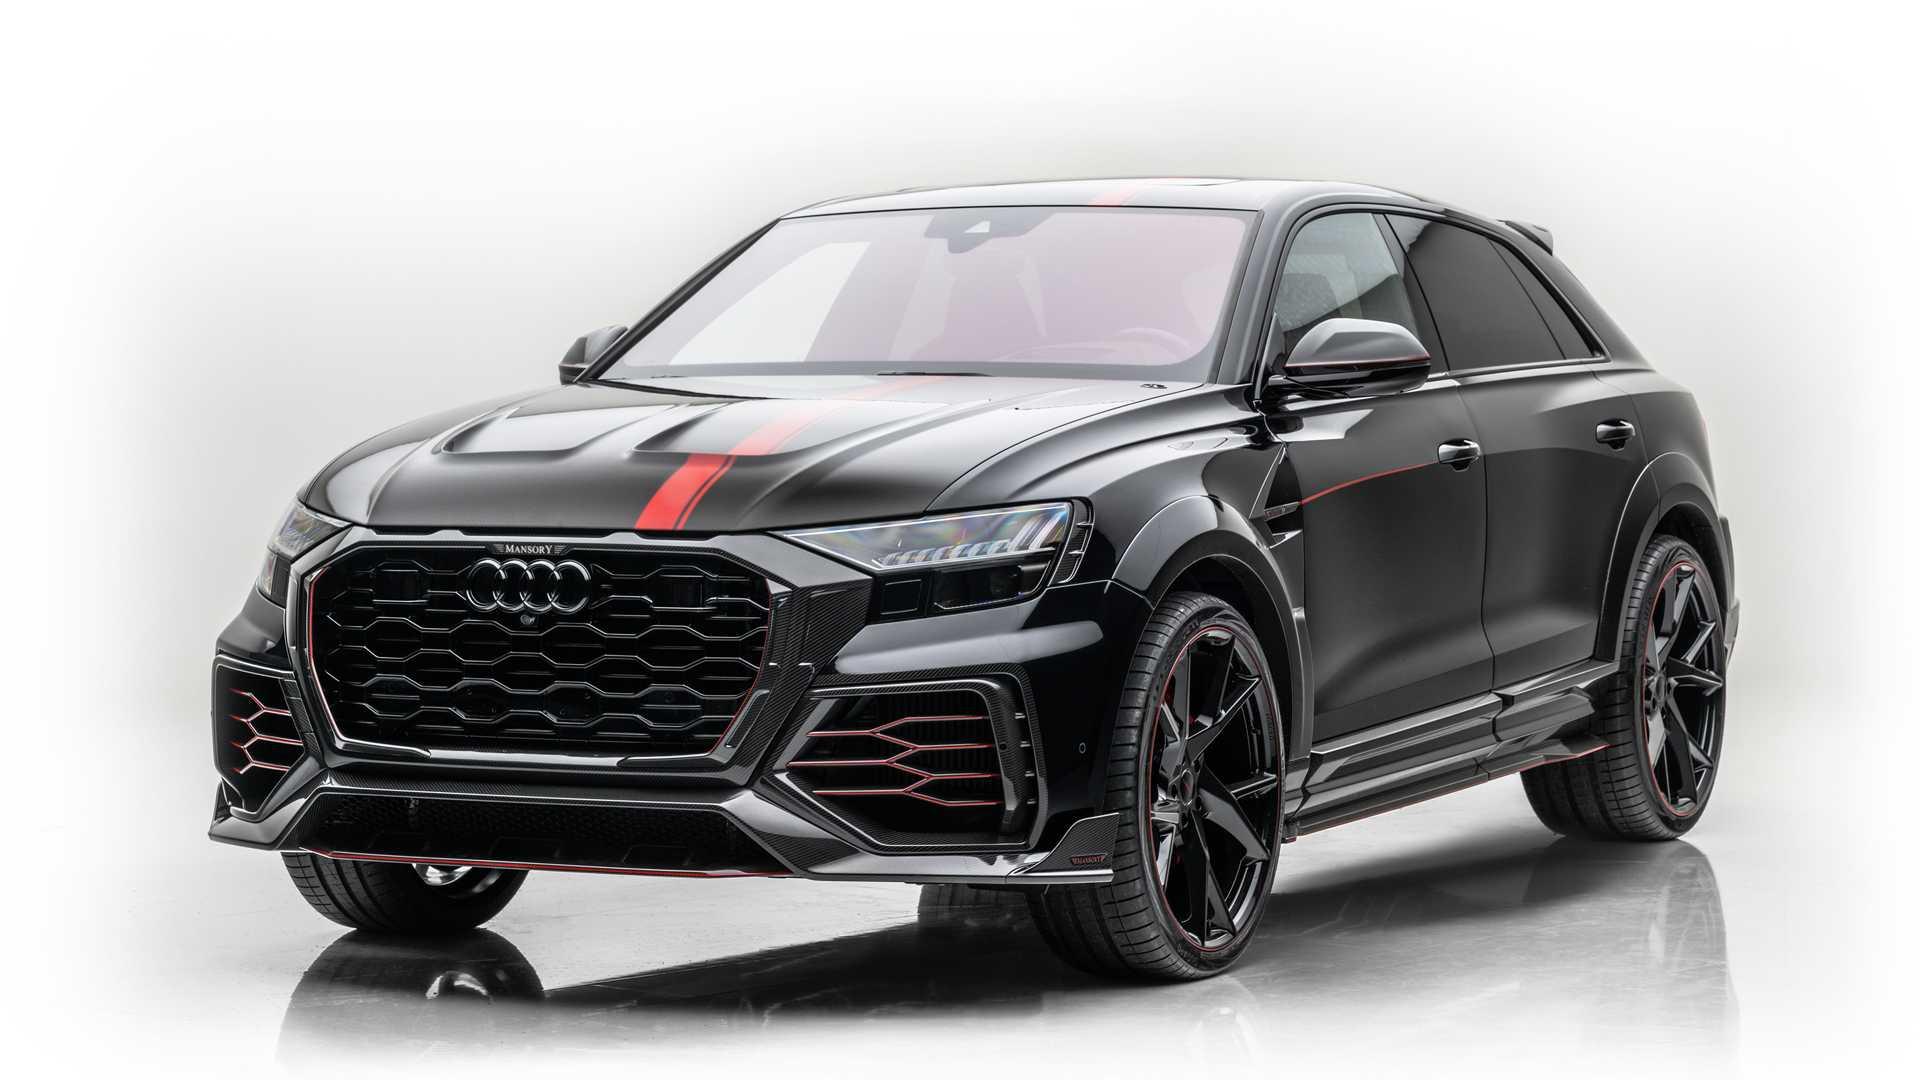 Kelebihan Kekurangan Audi Rs Top Model Tahun Ini